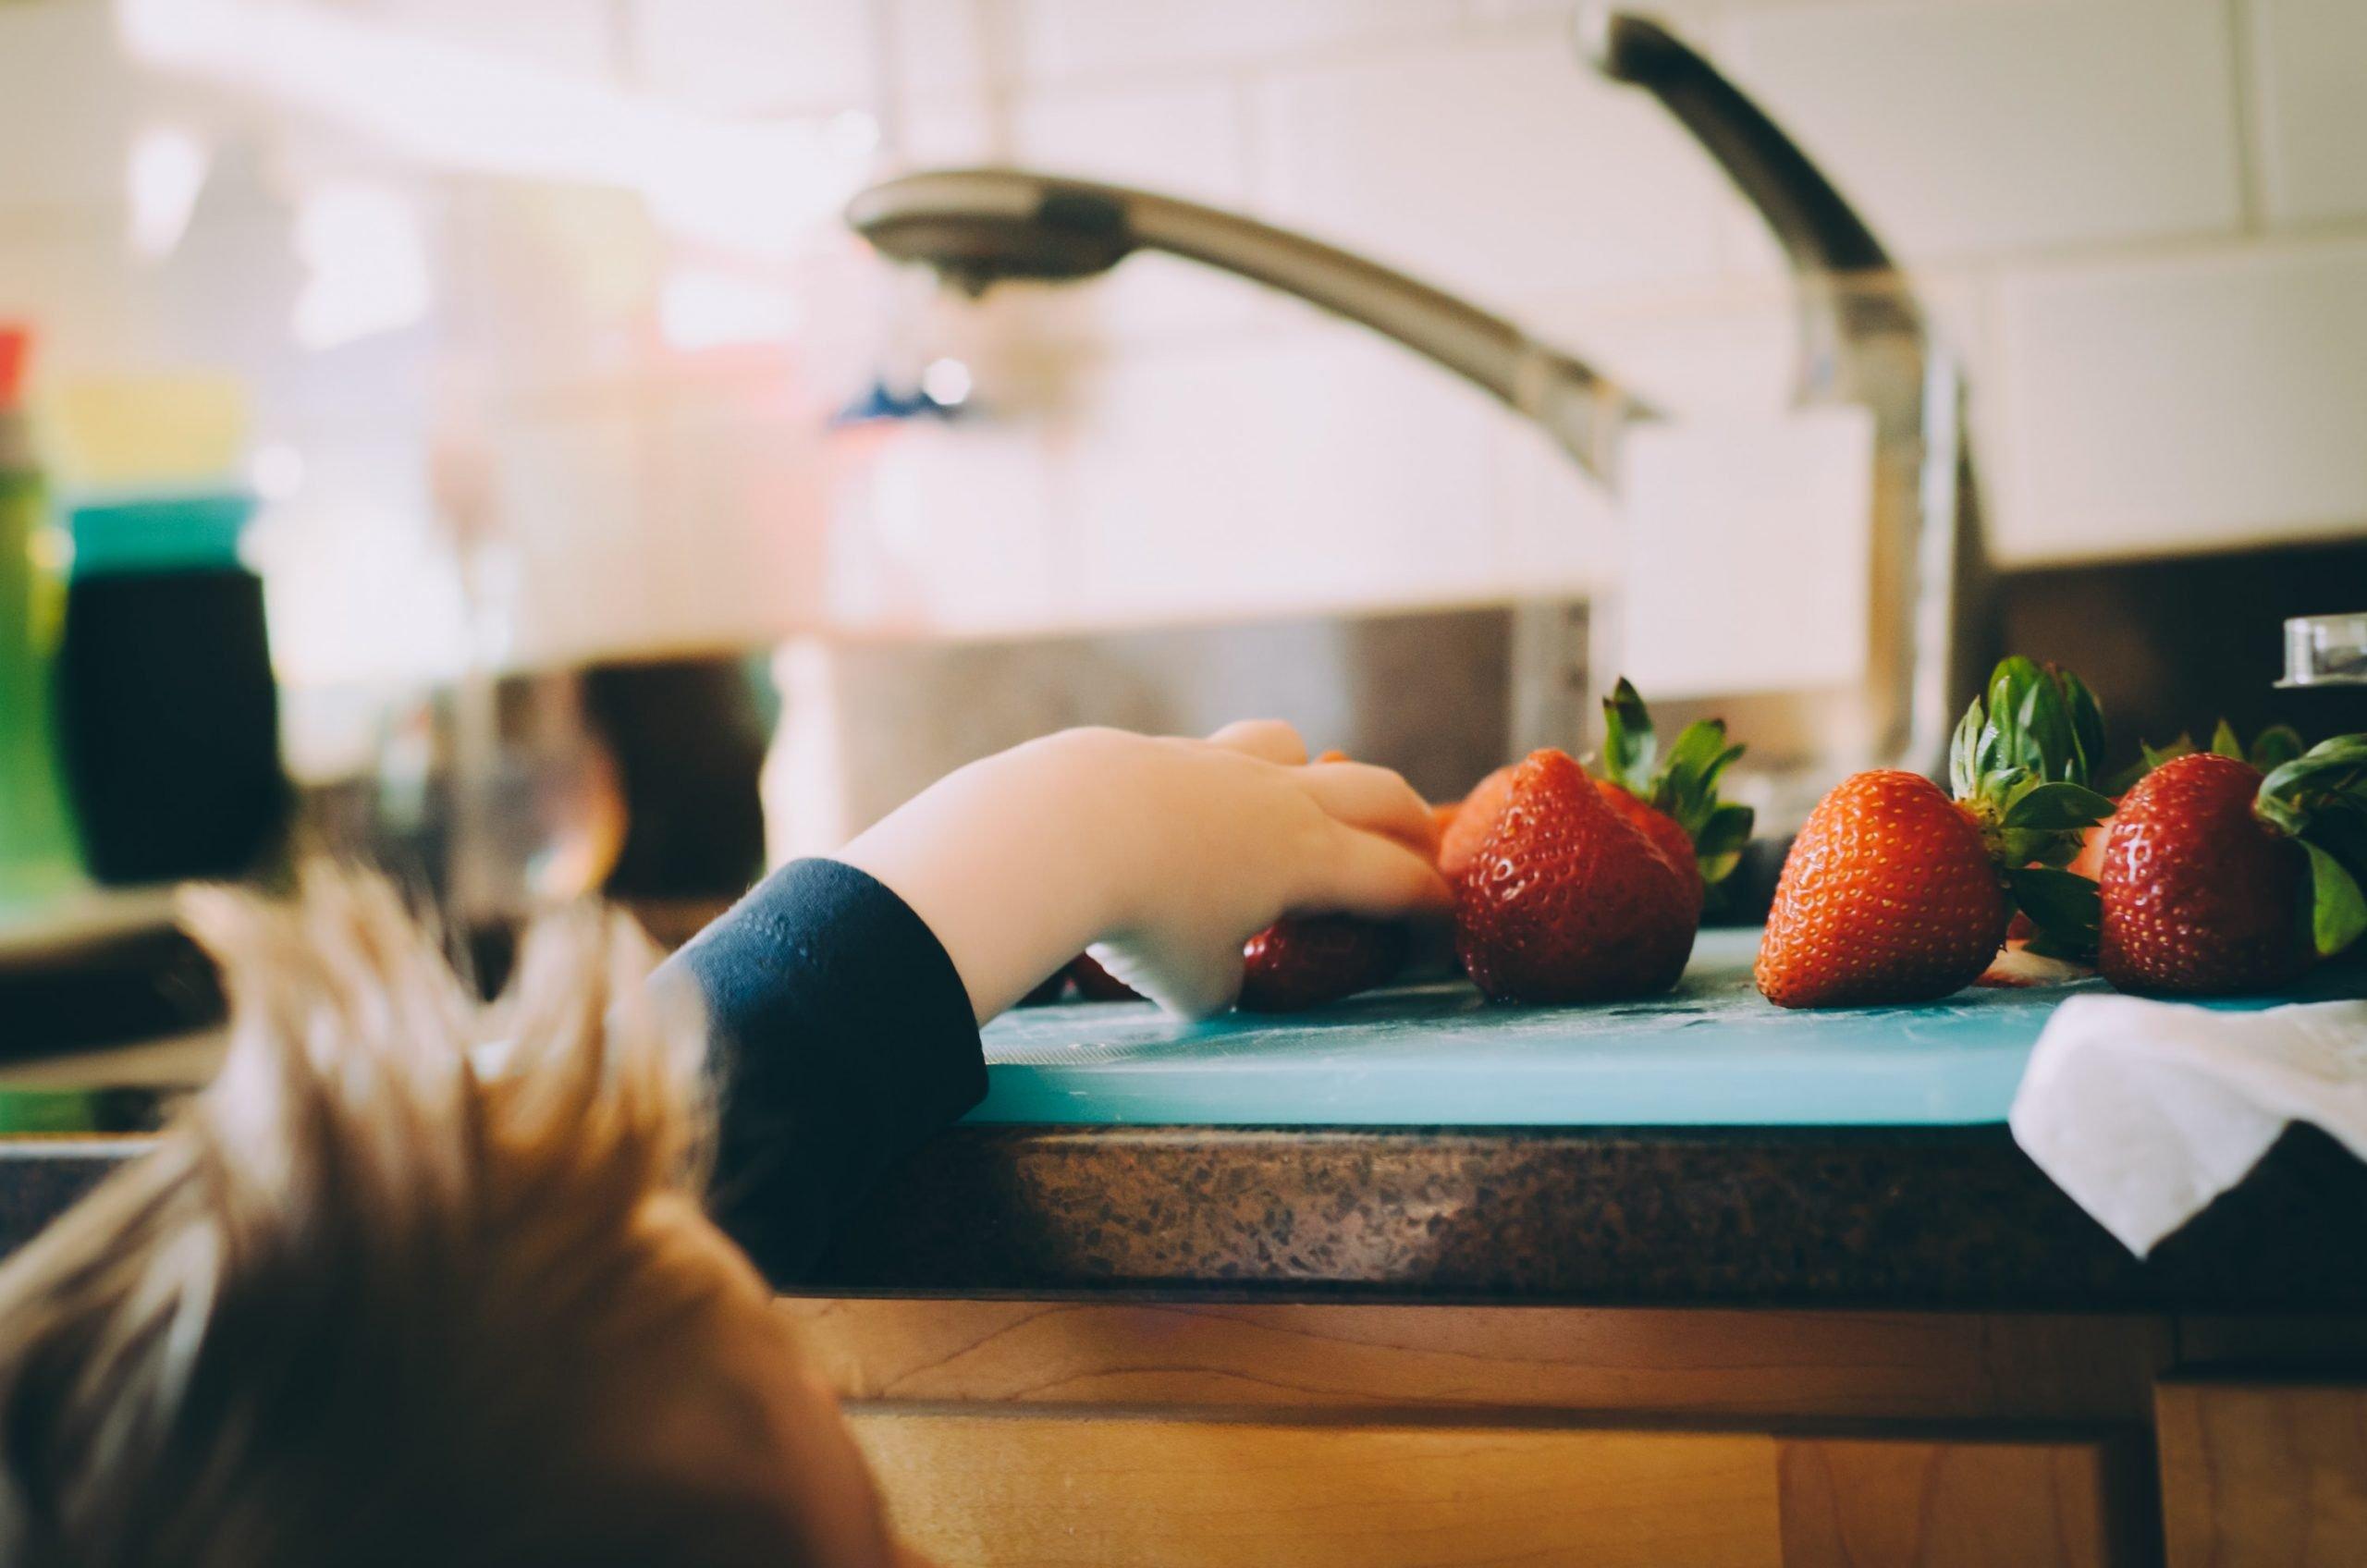 enfant_attrape_fraises_cuisine